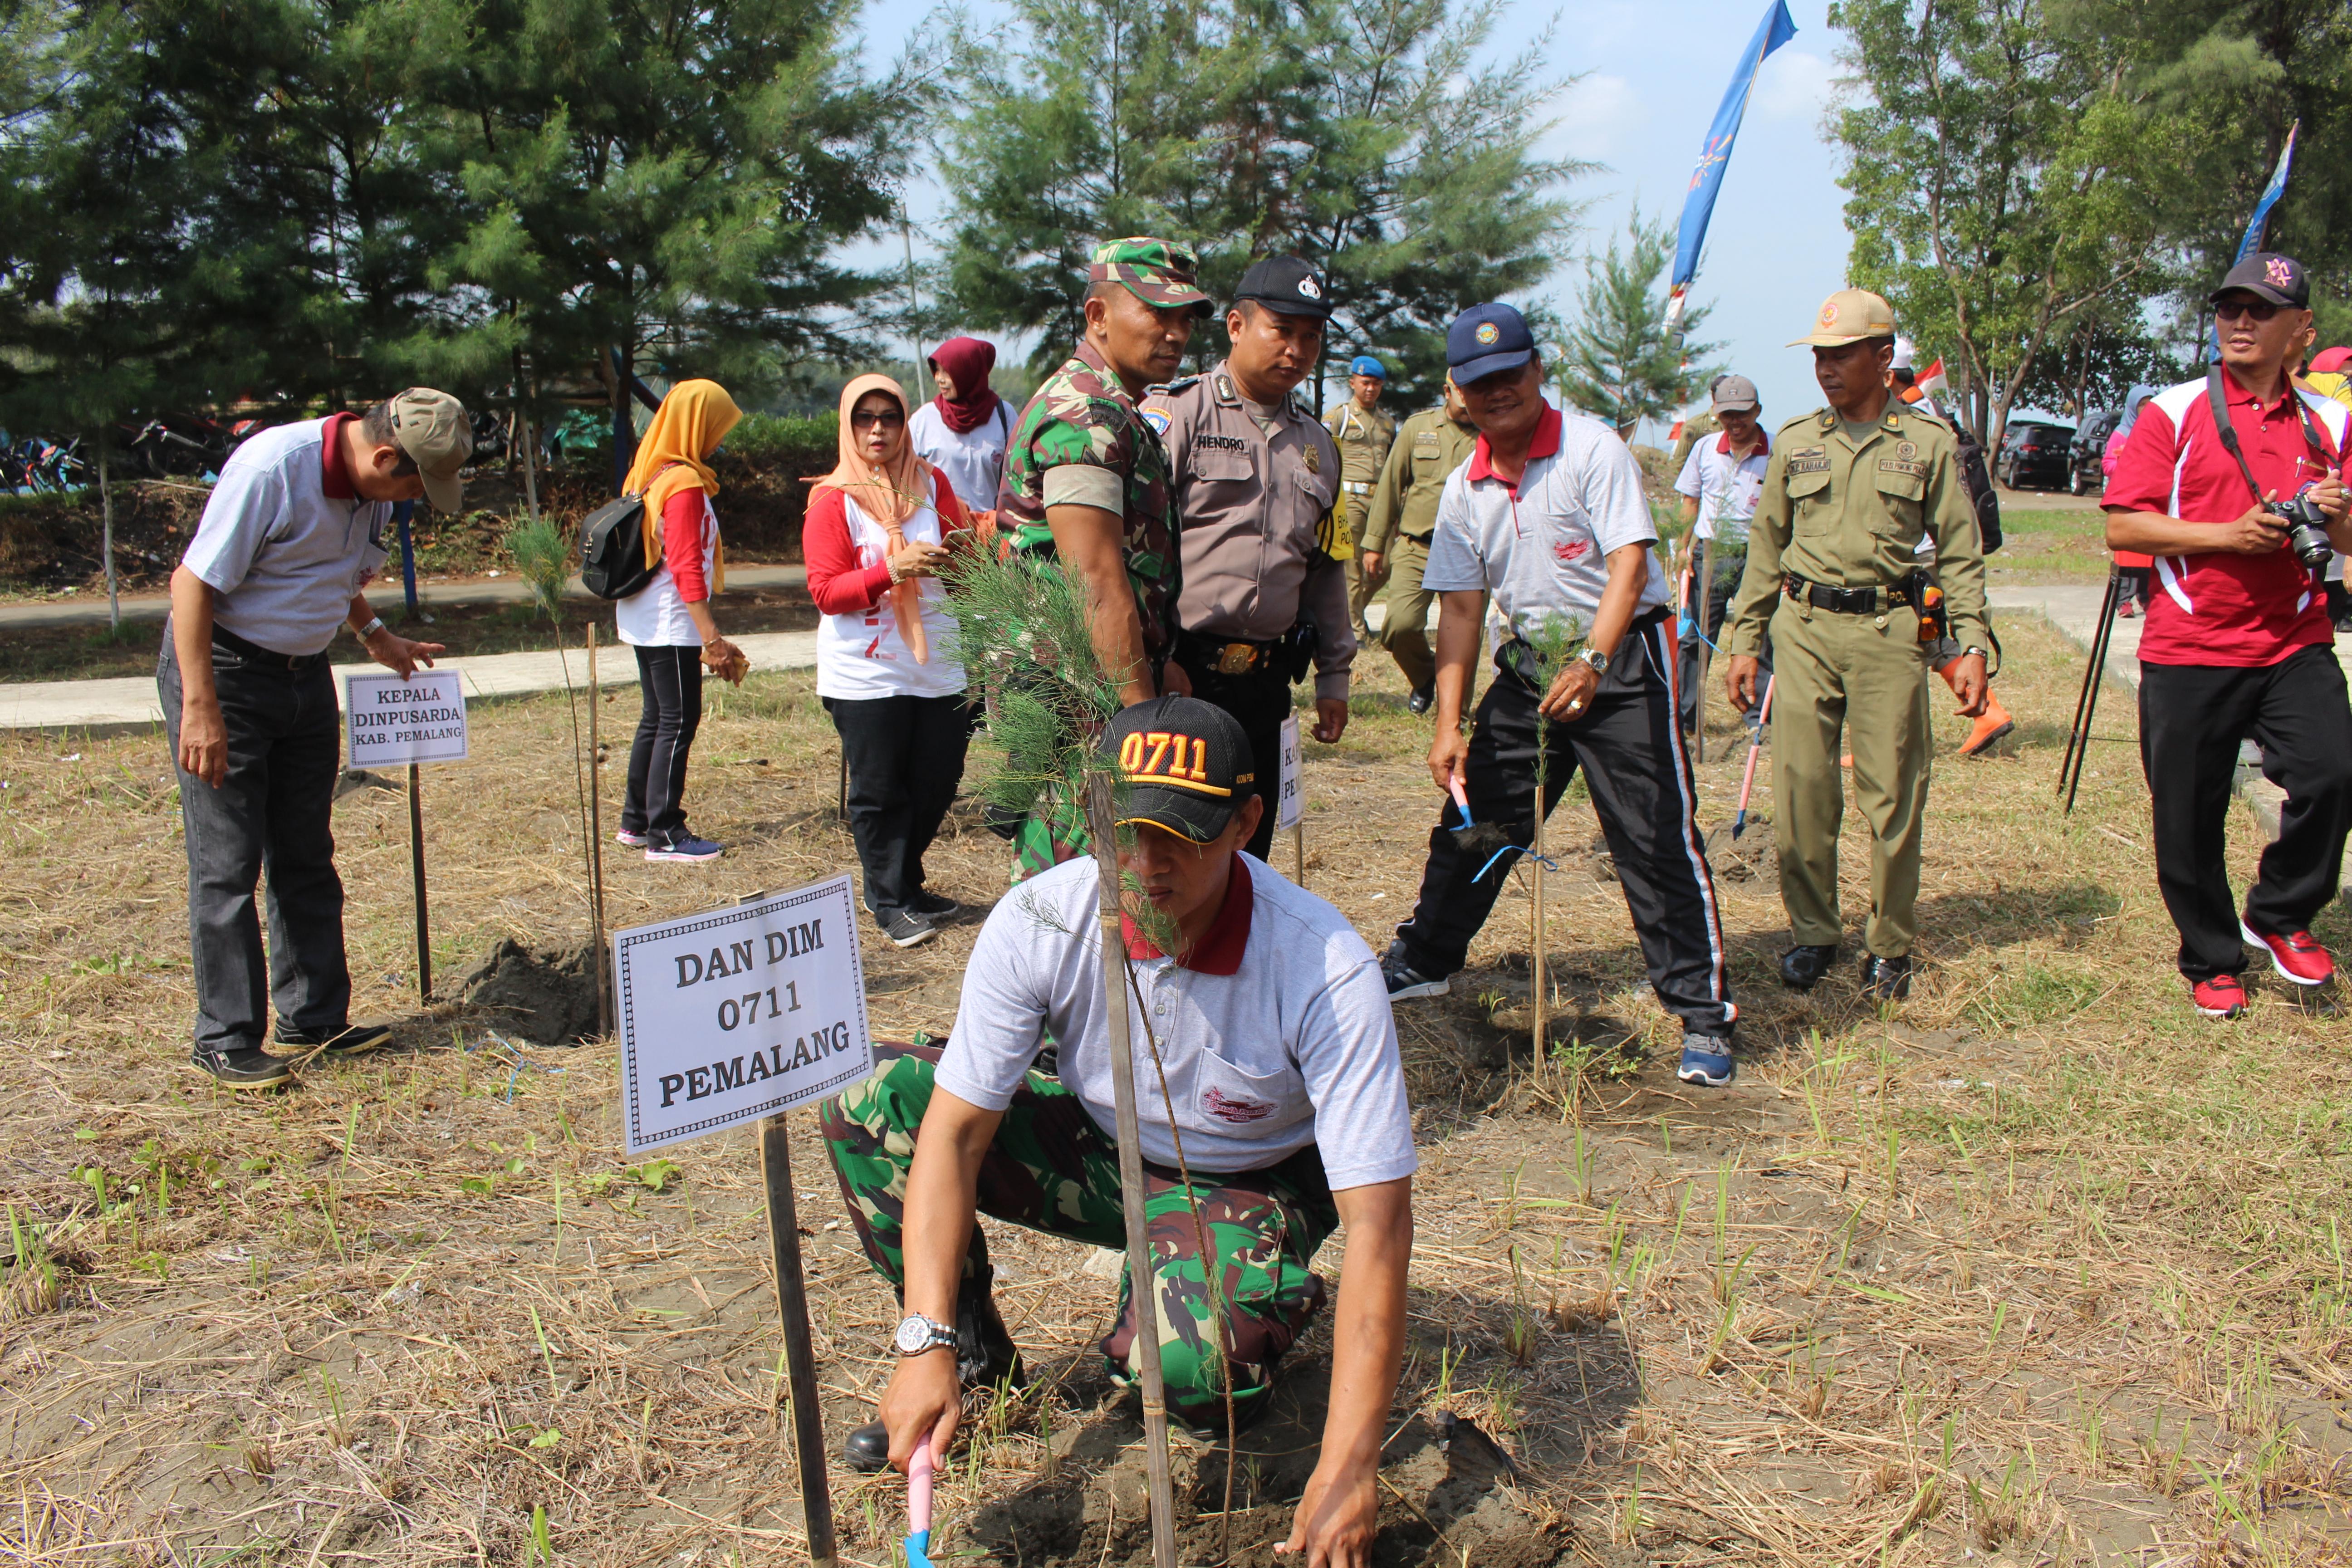 TINGKATKAN SINERGITAS TNI, POLRI DAN DINAS INSTANSI DENGAN KARYA BAKTI